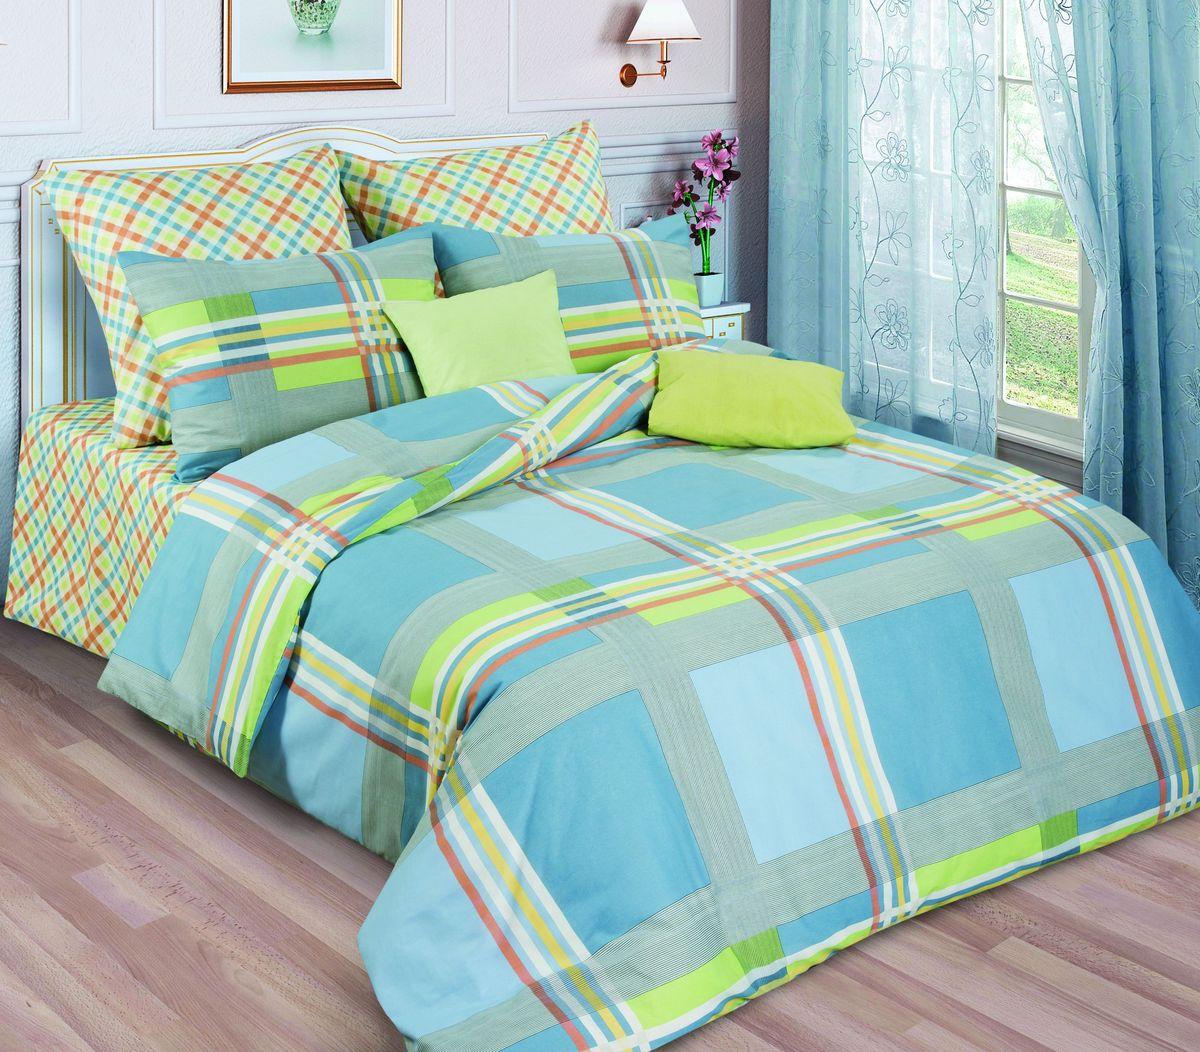 Комплект белья Диана La Vanille, 1,5-спальный, наволочки 70х70, цвет: зеленый, серый, голубой. С-644/2-143-150-70С-644/2-143-150-70Комплект постельного белья Диана La Vanille состоит из пододеяльника, простыни и двух наволочек. Белье бесшовное, оформлено оригинальным рисунком и имеет изысканный внешний вид. Изготовлено из бязи люкс (100% хлопка). Бязь - это ткань из экологически чистого и натурального 100% хлопка. Неоспоримым плюсом белья из такой ткани является мягкость и легкость, она прекрасно пропускает воздух, приятна на ощупь, не образует катышков на поверхности и за ней легко ухаживать. При соблюдении рекомендаций по уходу это белье выдерживает много стирок, не линяет и не теряет свою первоначальную прочность. Уникальная ткань обеспечивает легкую глажку. Приобретая комплект постельного белья Диана La Vanille, вы можете быть уверенны в том, что покупка доставит вам и вашим близким удовольствие и подарит максимальный комфорт.